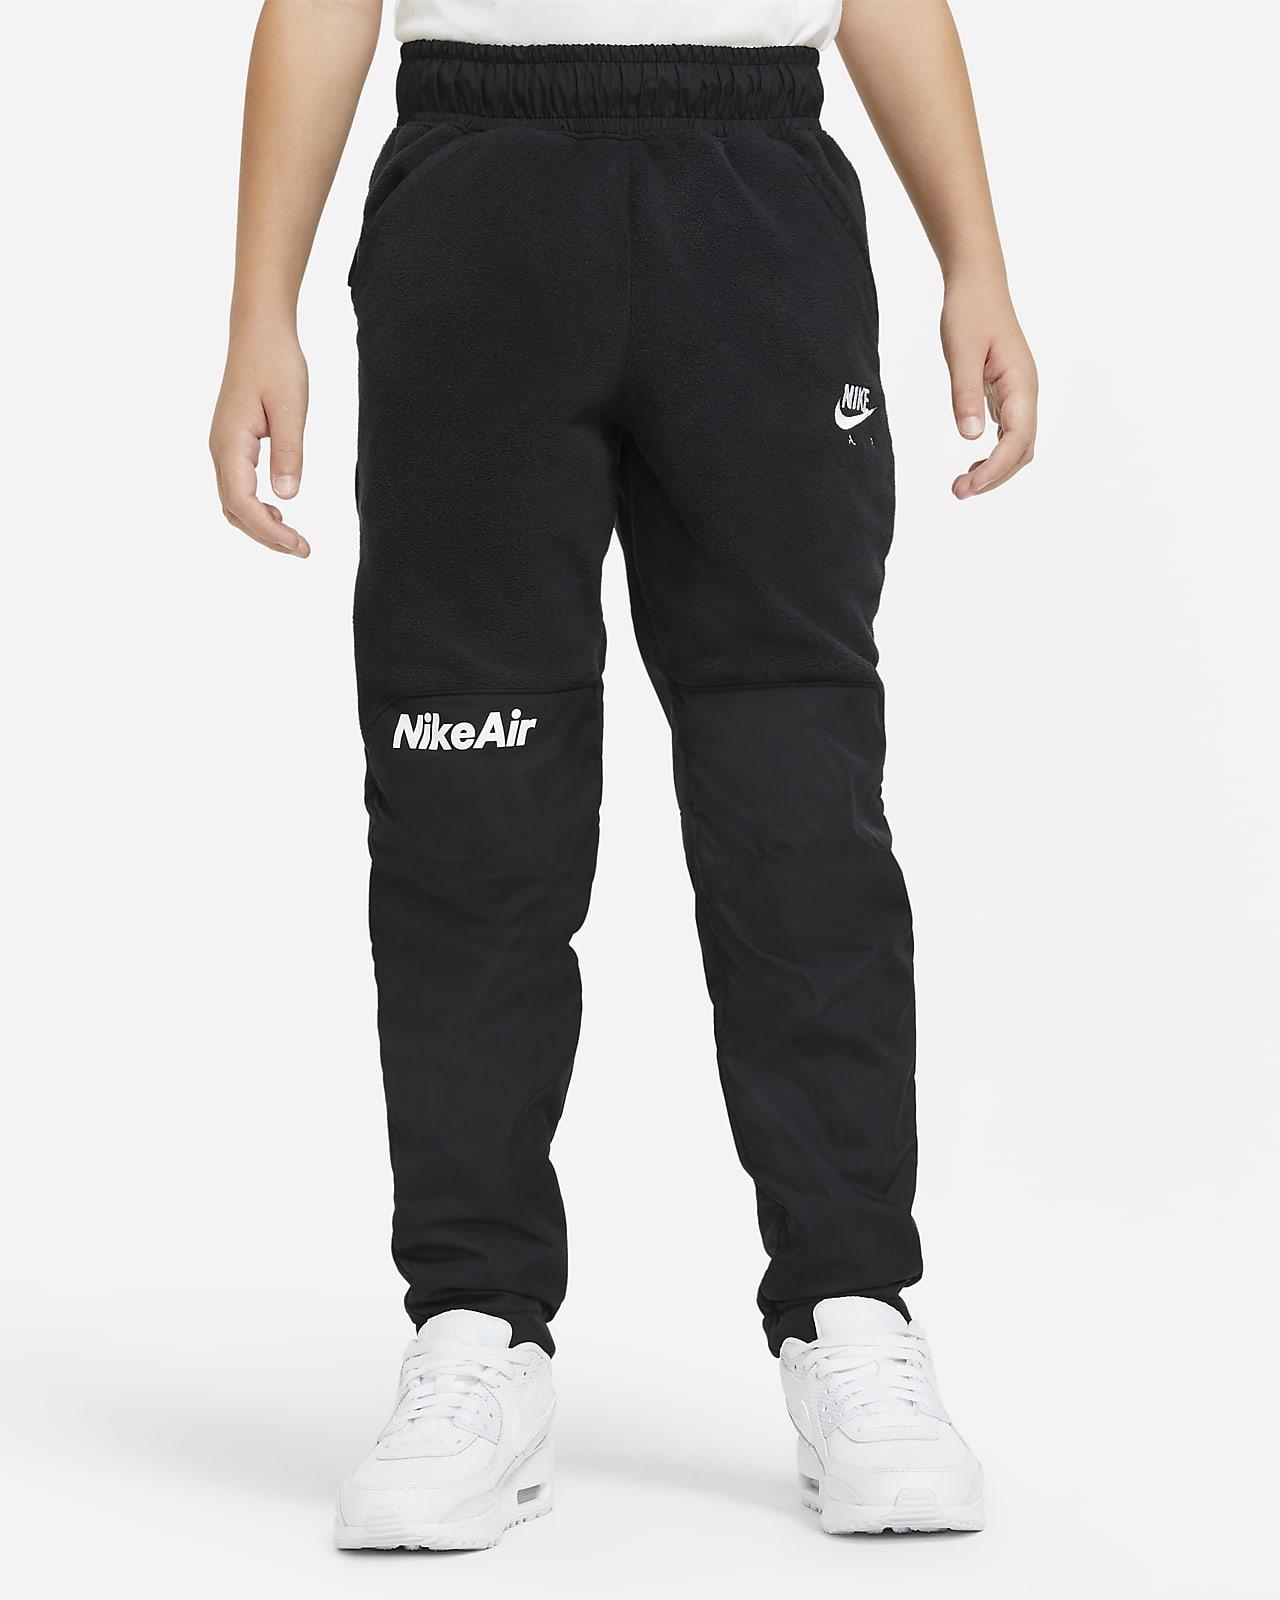 Zateplené kalhoty Nike Air pro větší děti (chlapce)